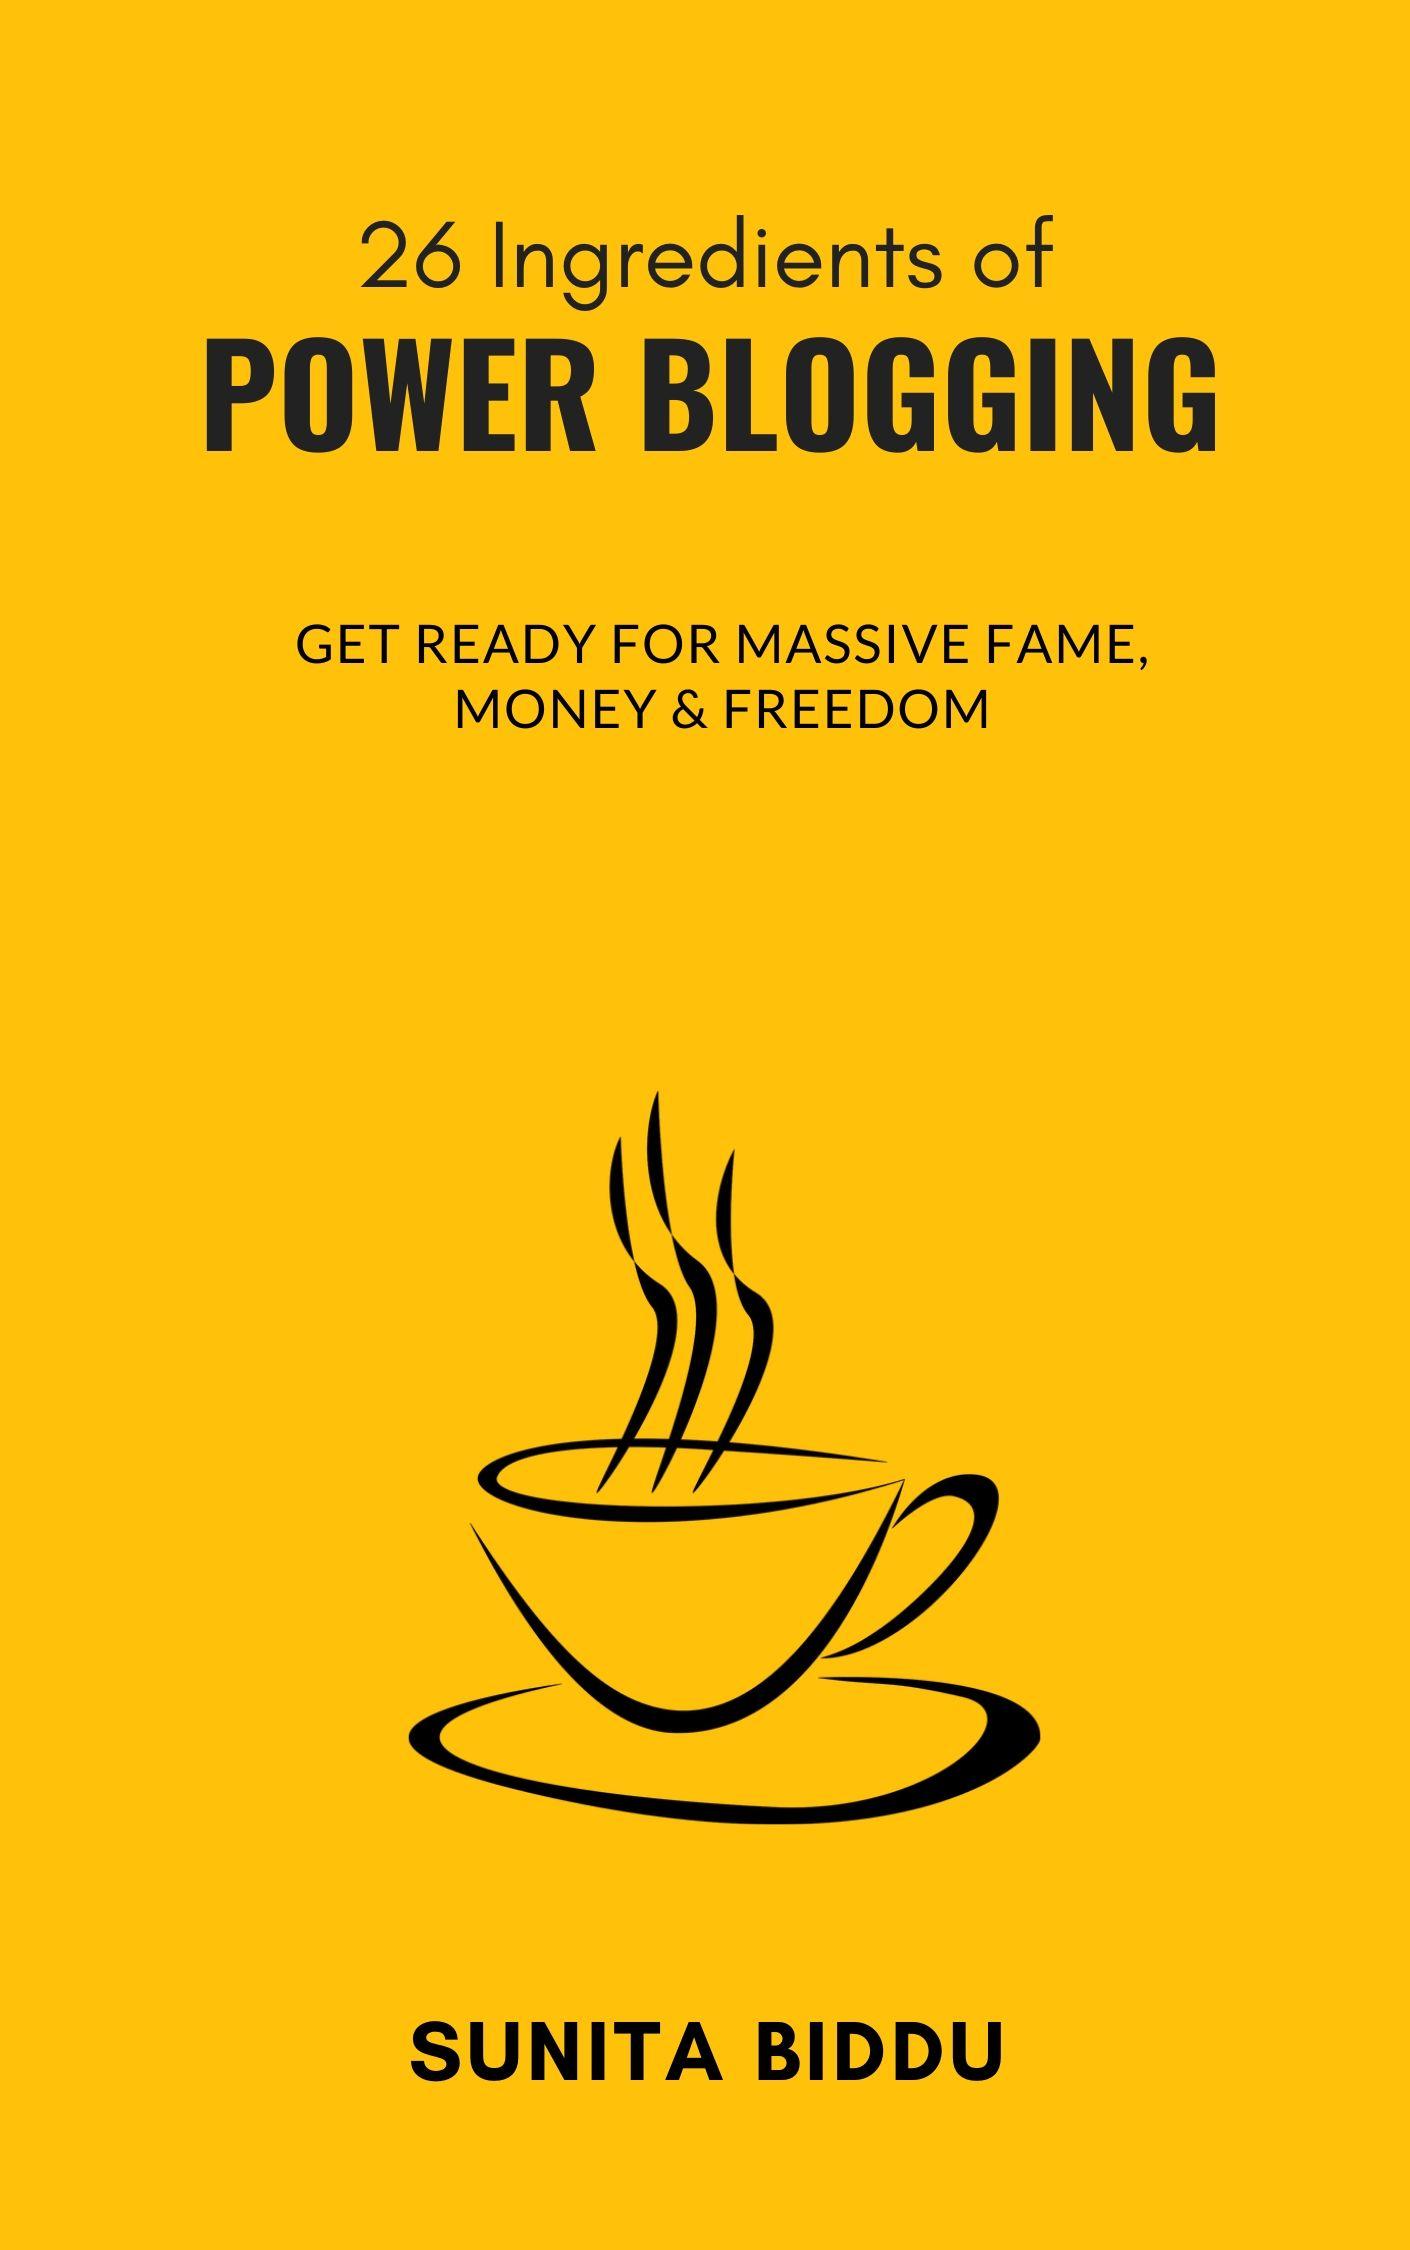 power blogging book by sunita biddu